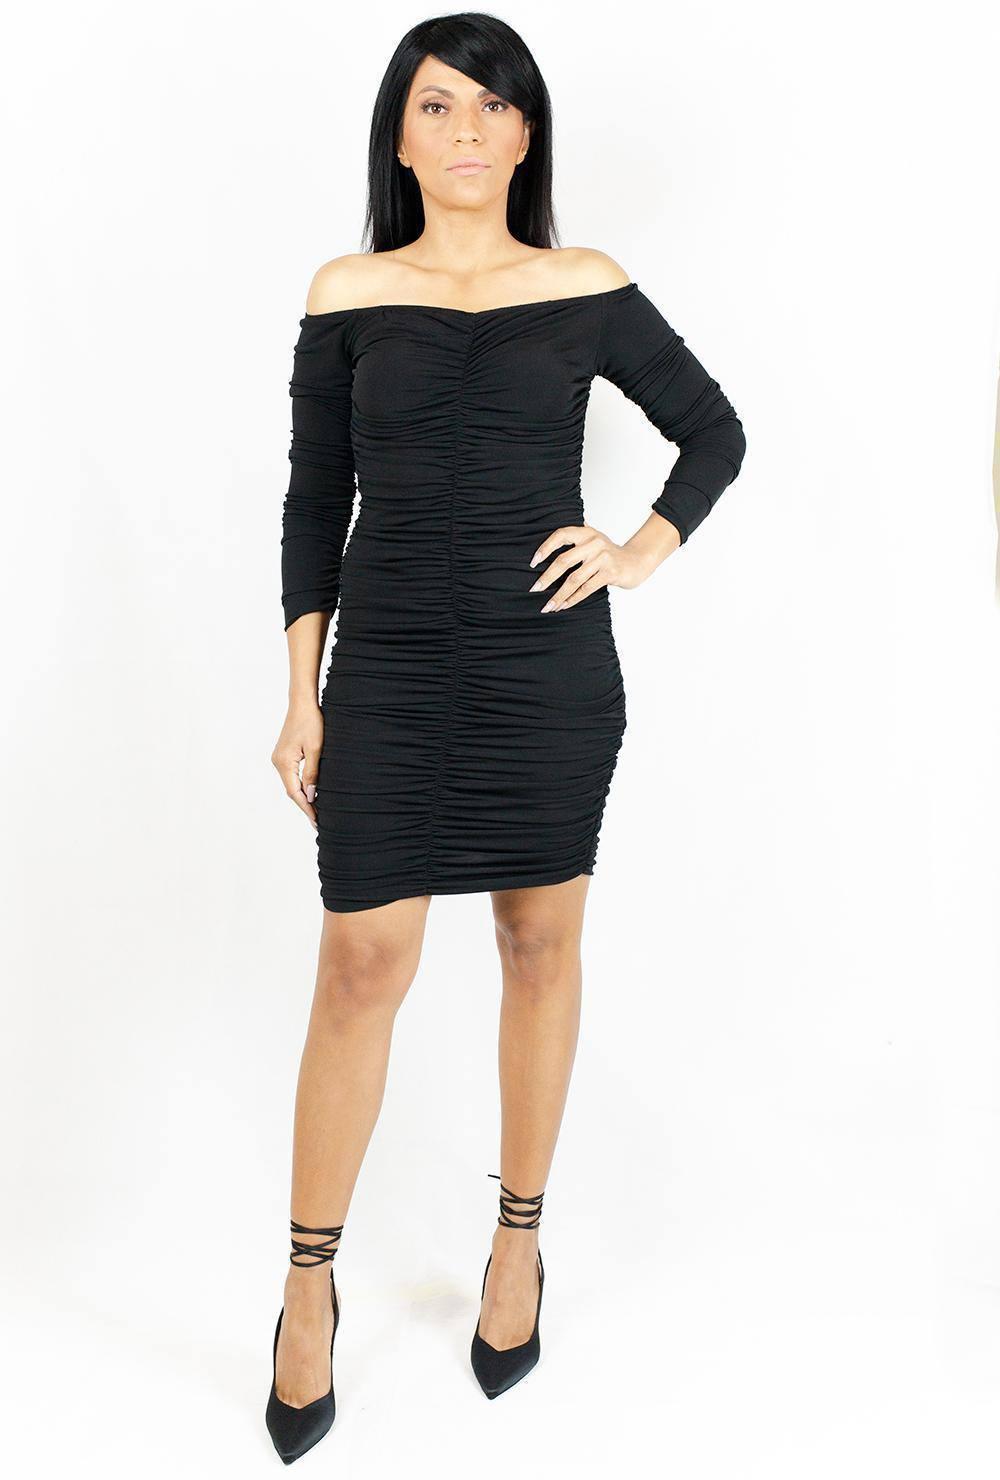 Φόρεμα Μαύρο Avant Garde - Nook Boutique